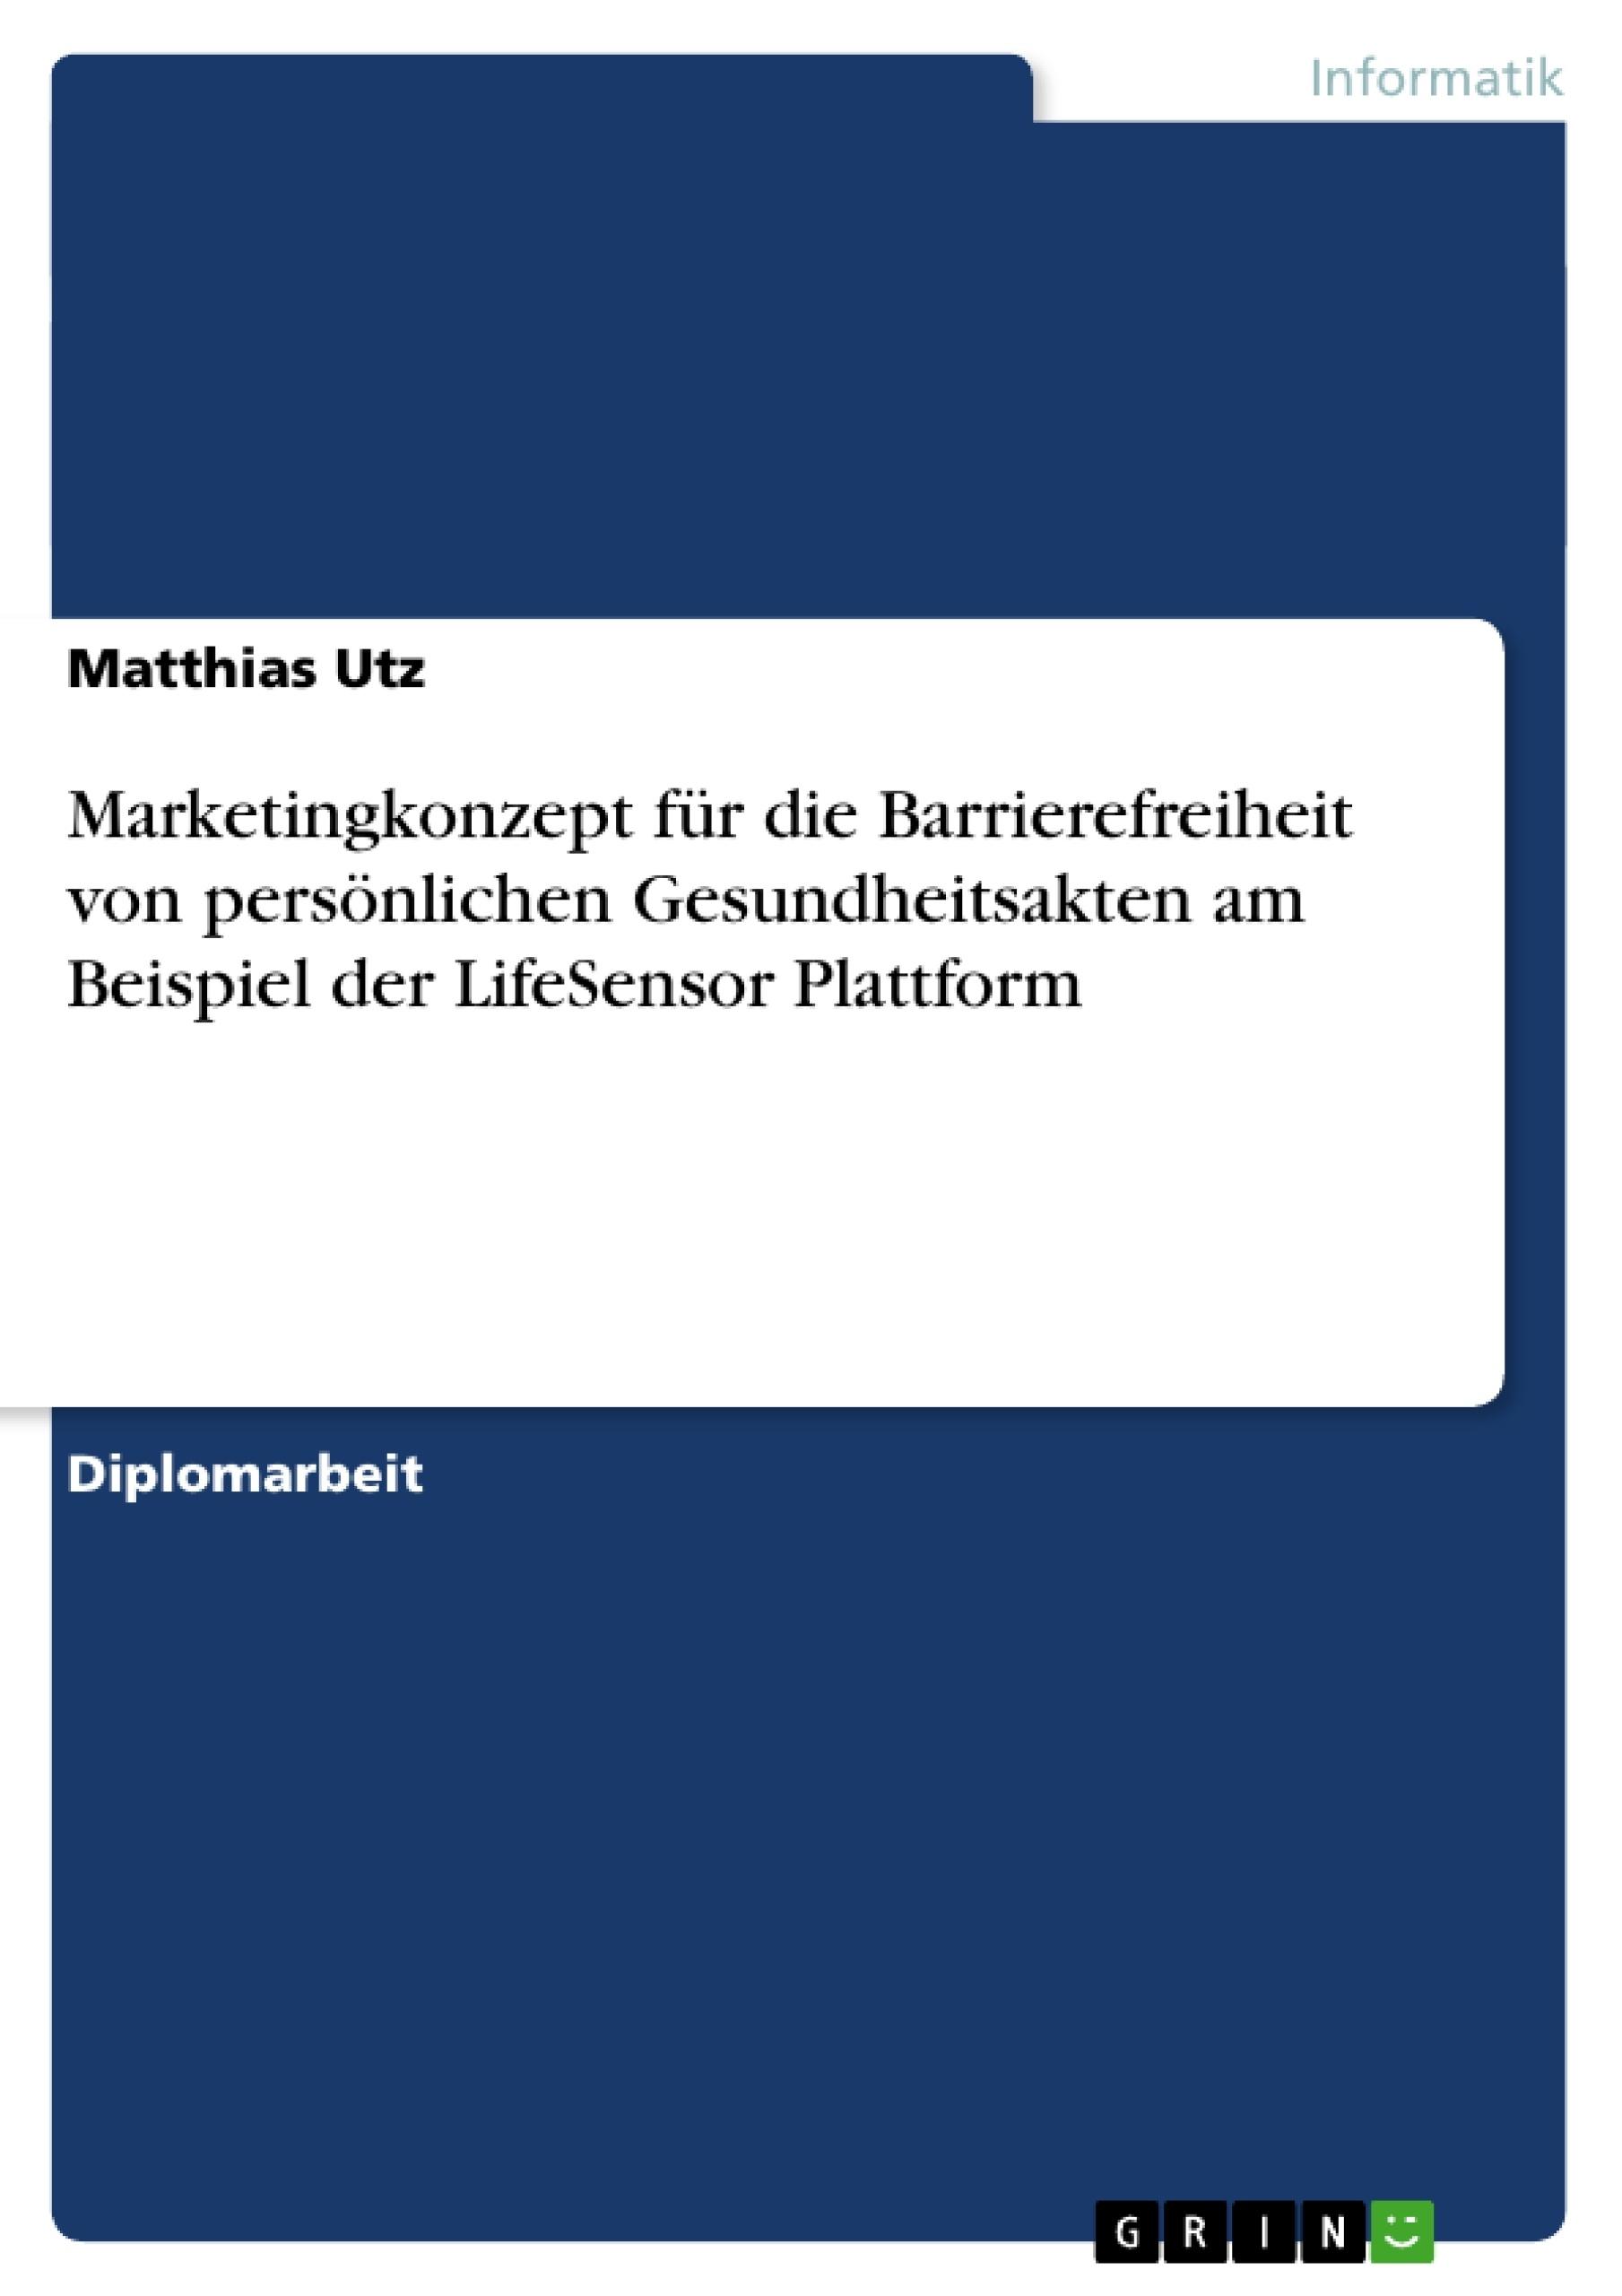 Titel: Marketingkonzept für die Barrierefreiheit von persönlichen Gesundheitsakten am Beispiel der LifeSensor Plattform